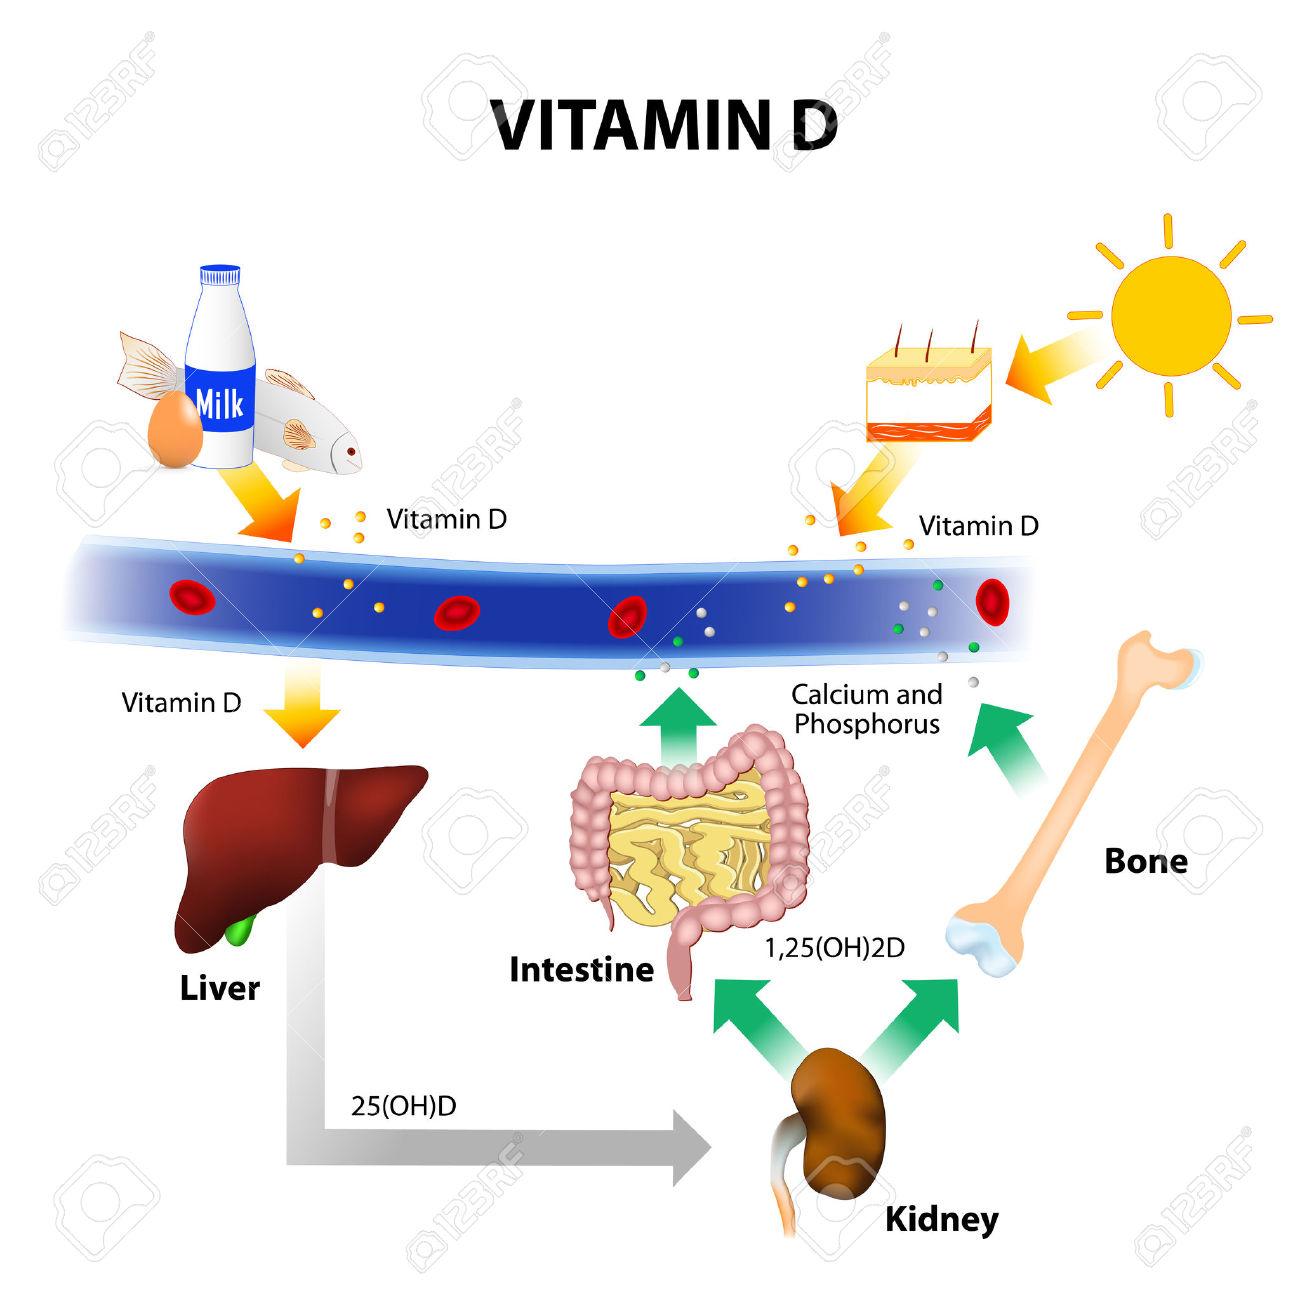 hoge dosis vitamine d3 naast chemo bij darmkanker geeft langere ziekteprogressie vrije tijd en. Black Bedroom Furniture Sets. Home Design Ideas